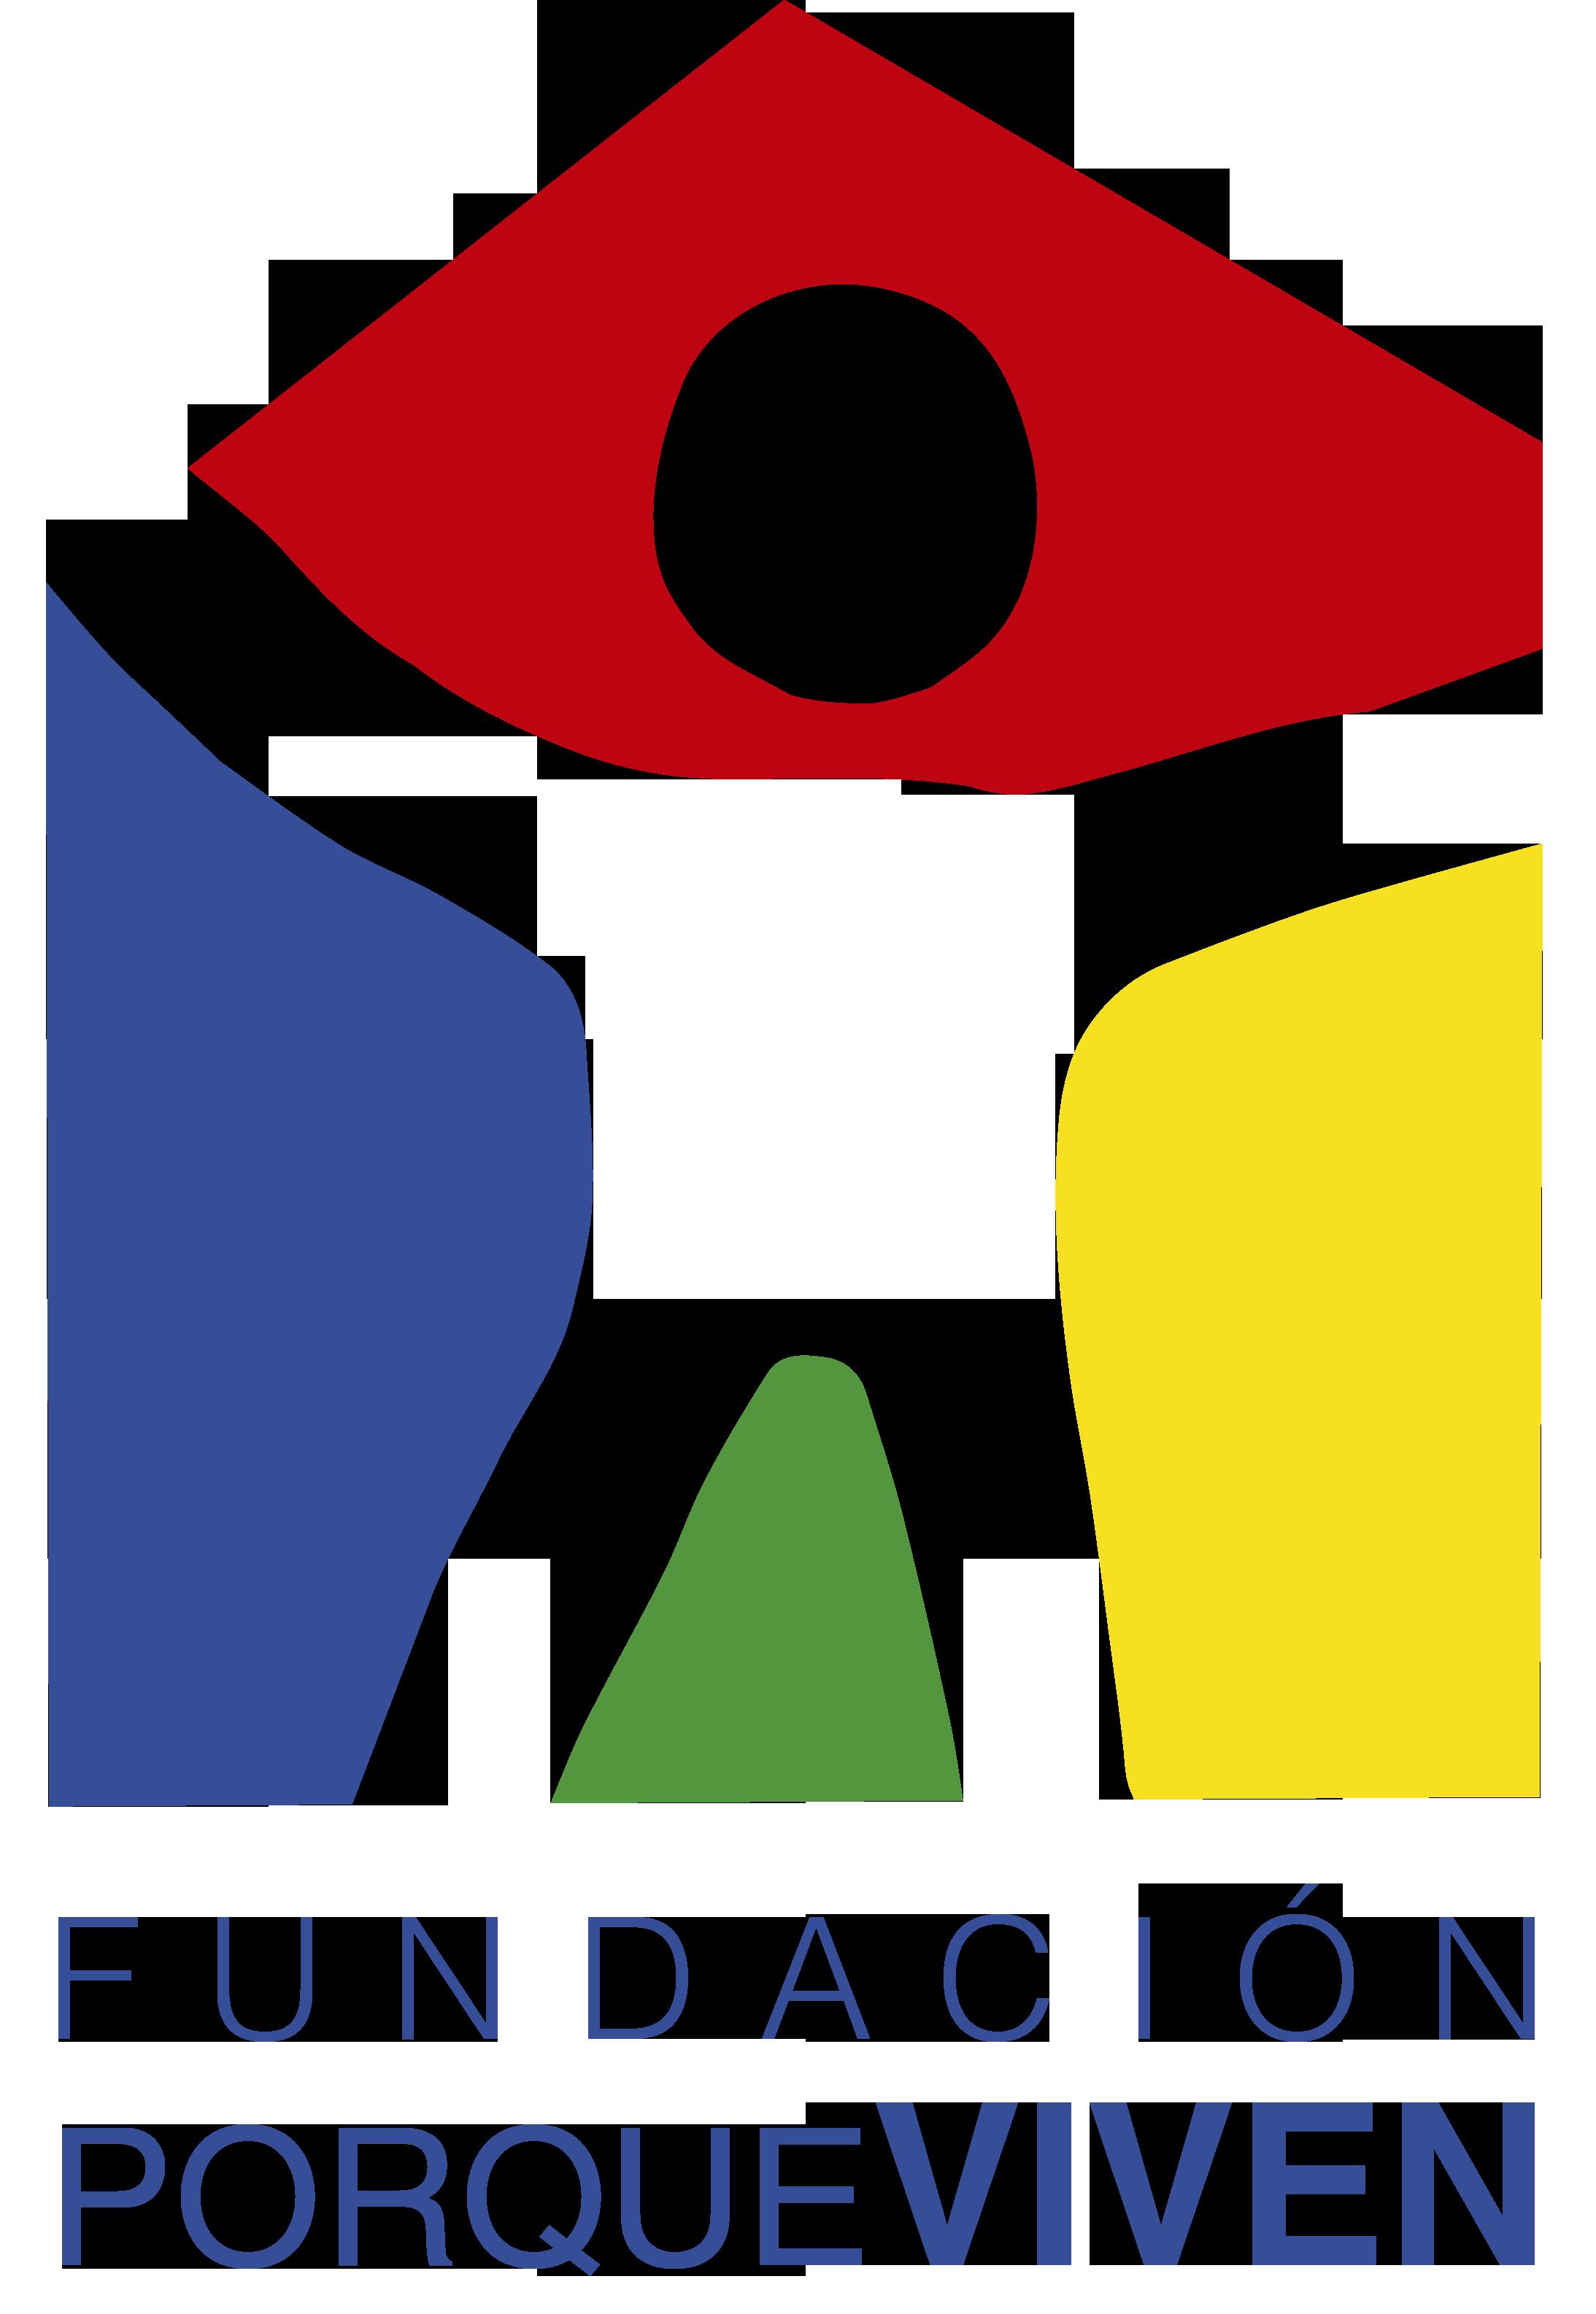 """Enlace a la página """"Fundación porque viven""""   de la"""